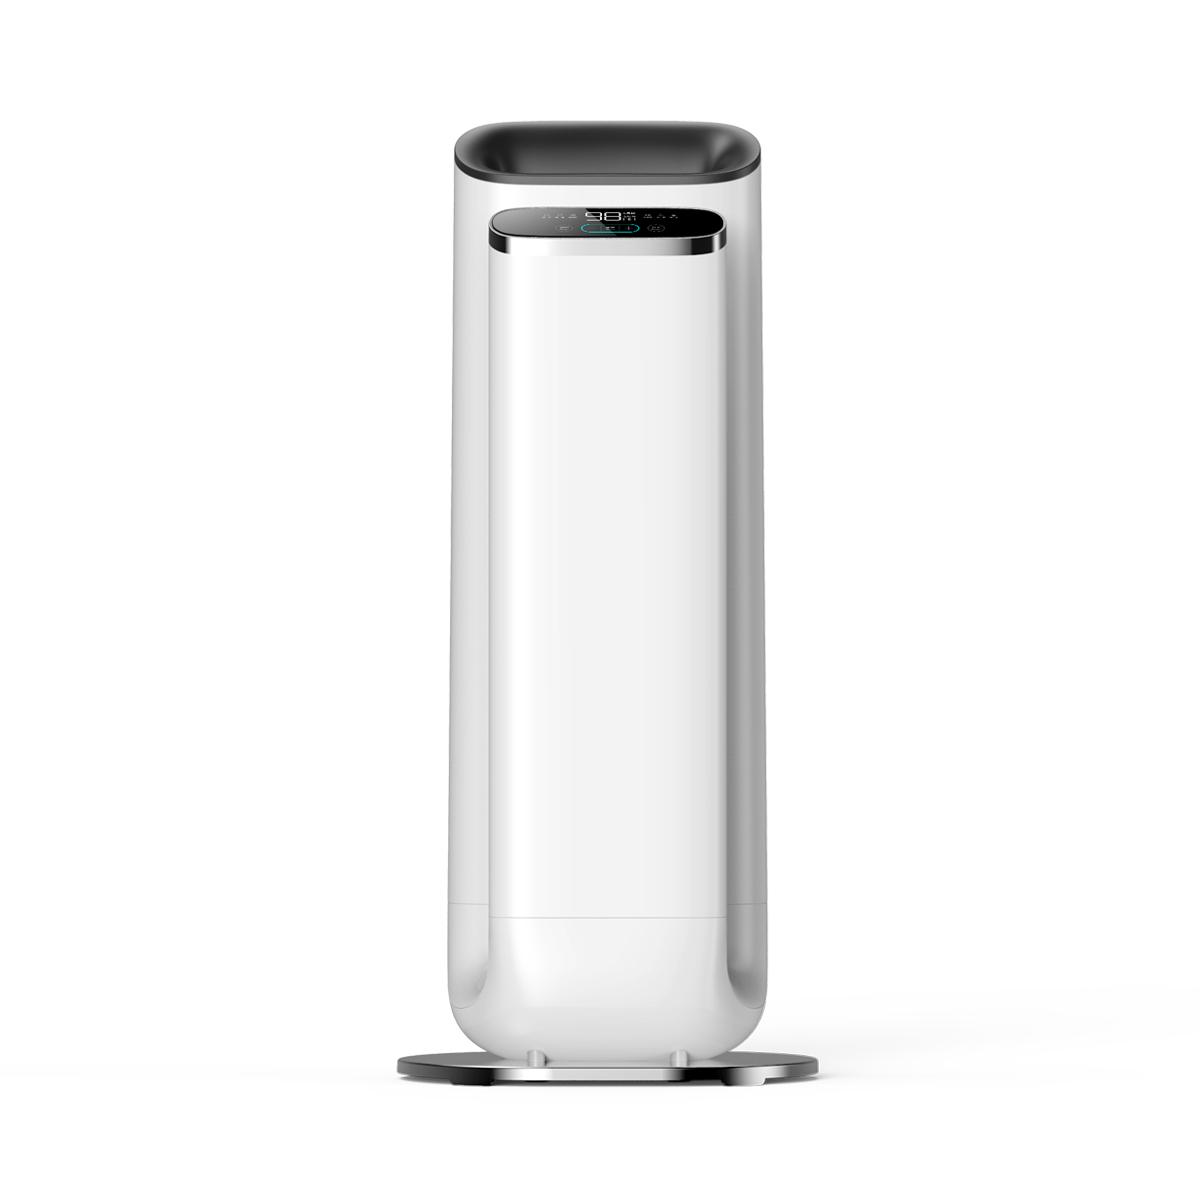 Humidificador doméstico embarazadas Oficina inteligente de gran capacidad de purificación de aire mini habitación muda de aromaterapia